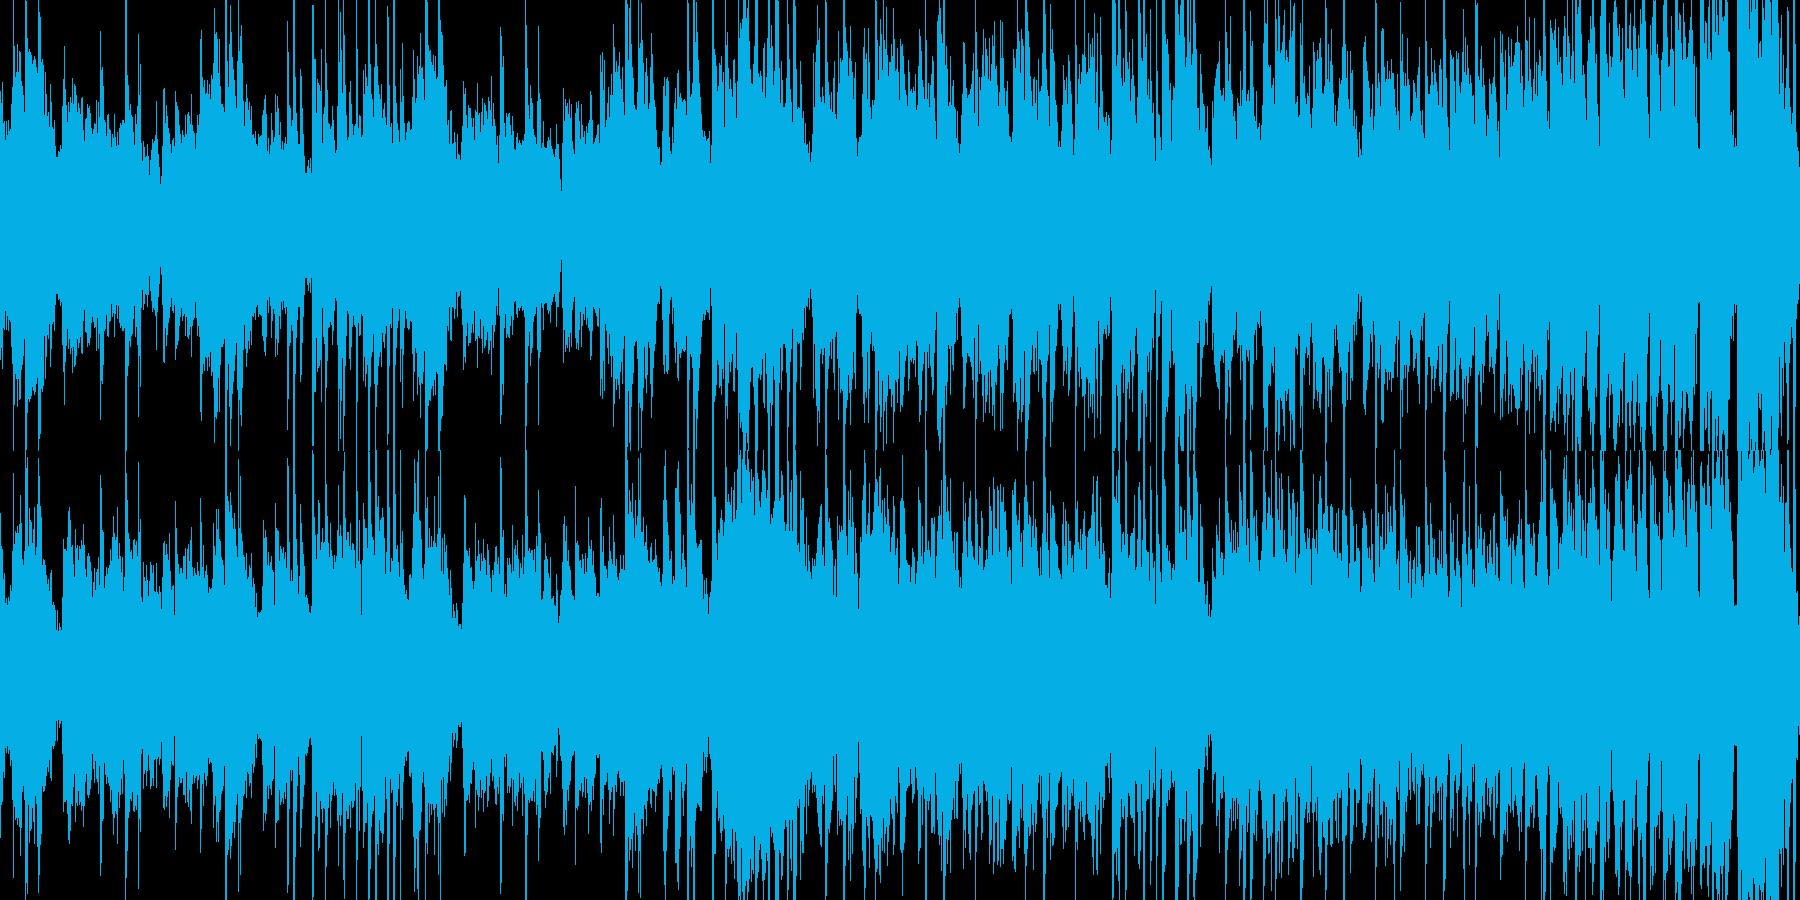 コミカルなミニゲーム向けの短いループ曲の再生済みの波形